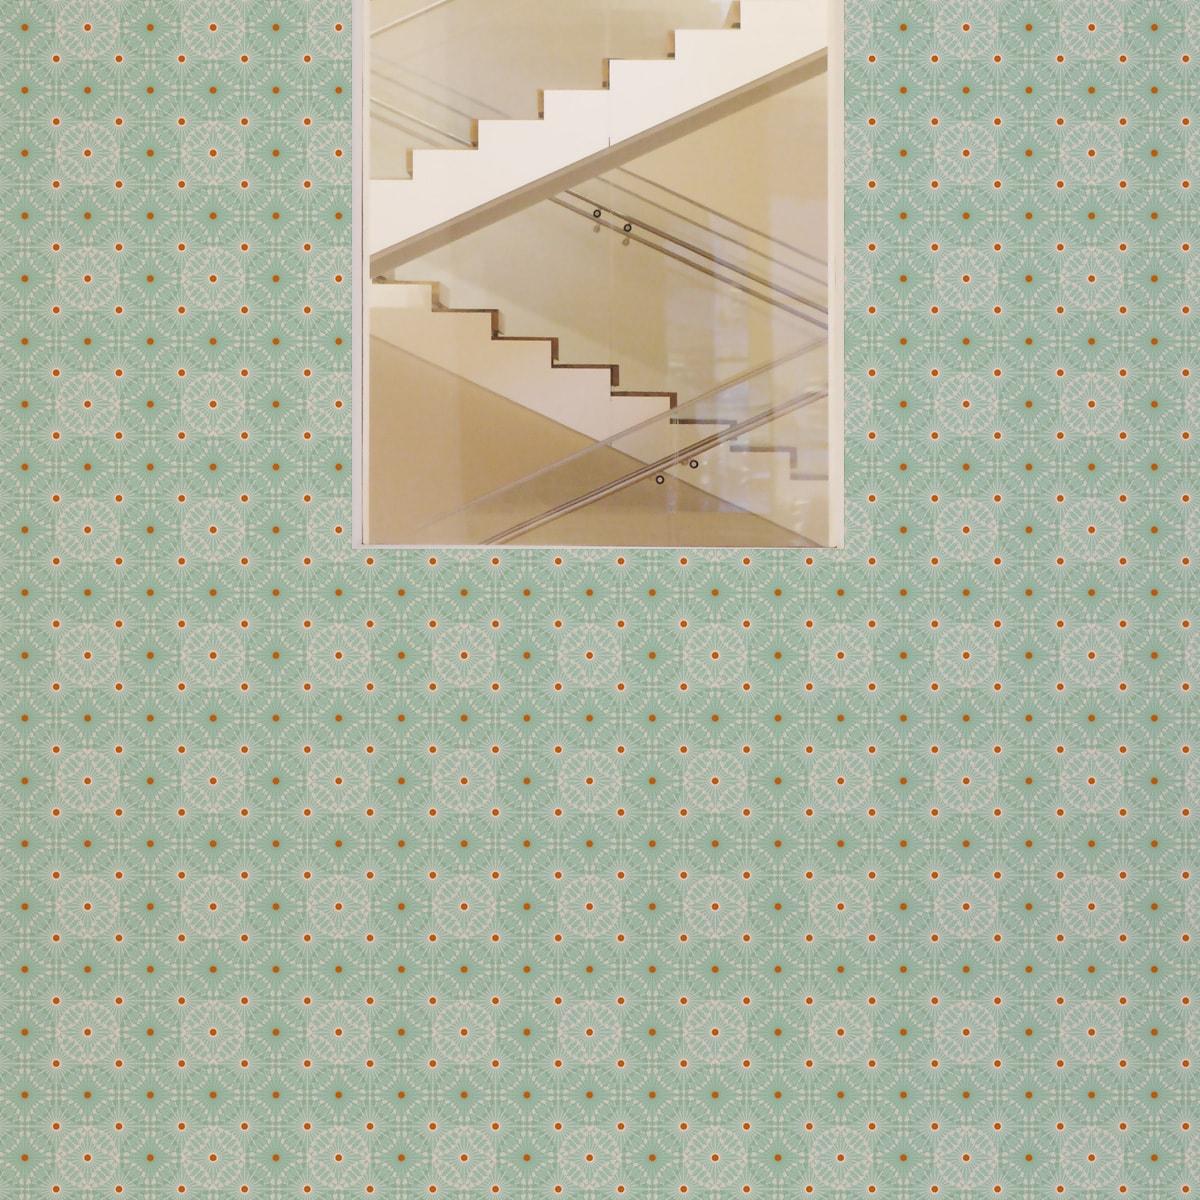 Full Size of Küchentapete Mint Grne Tapete Charming Circles Mit Pfeil Kreisen Wohnzimmer Küchentapete